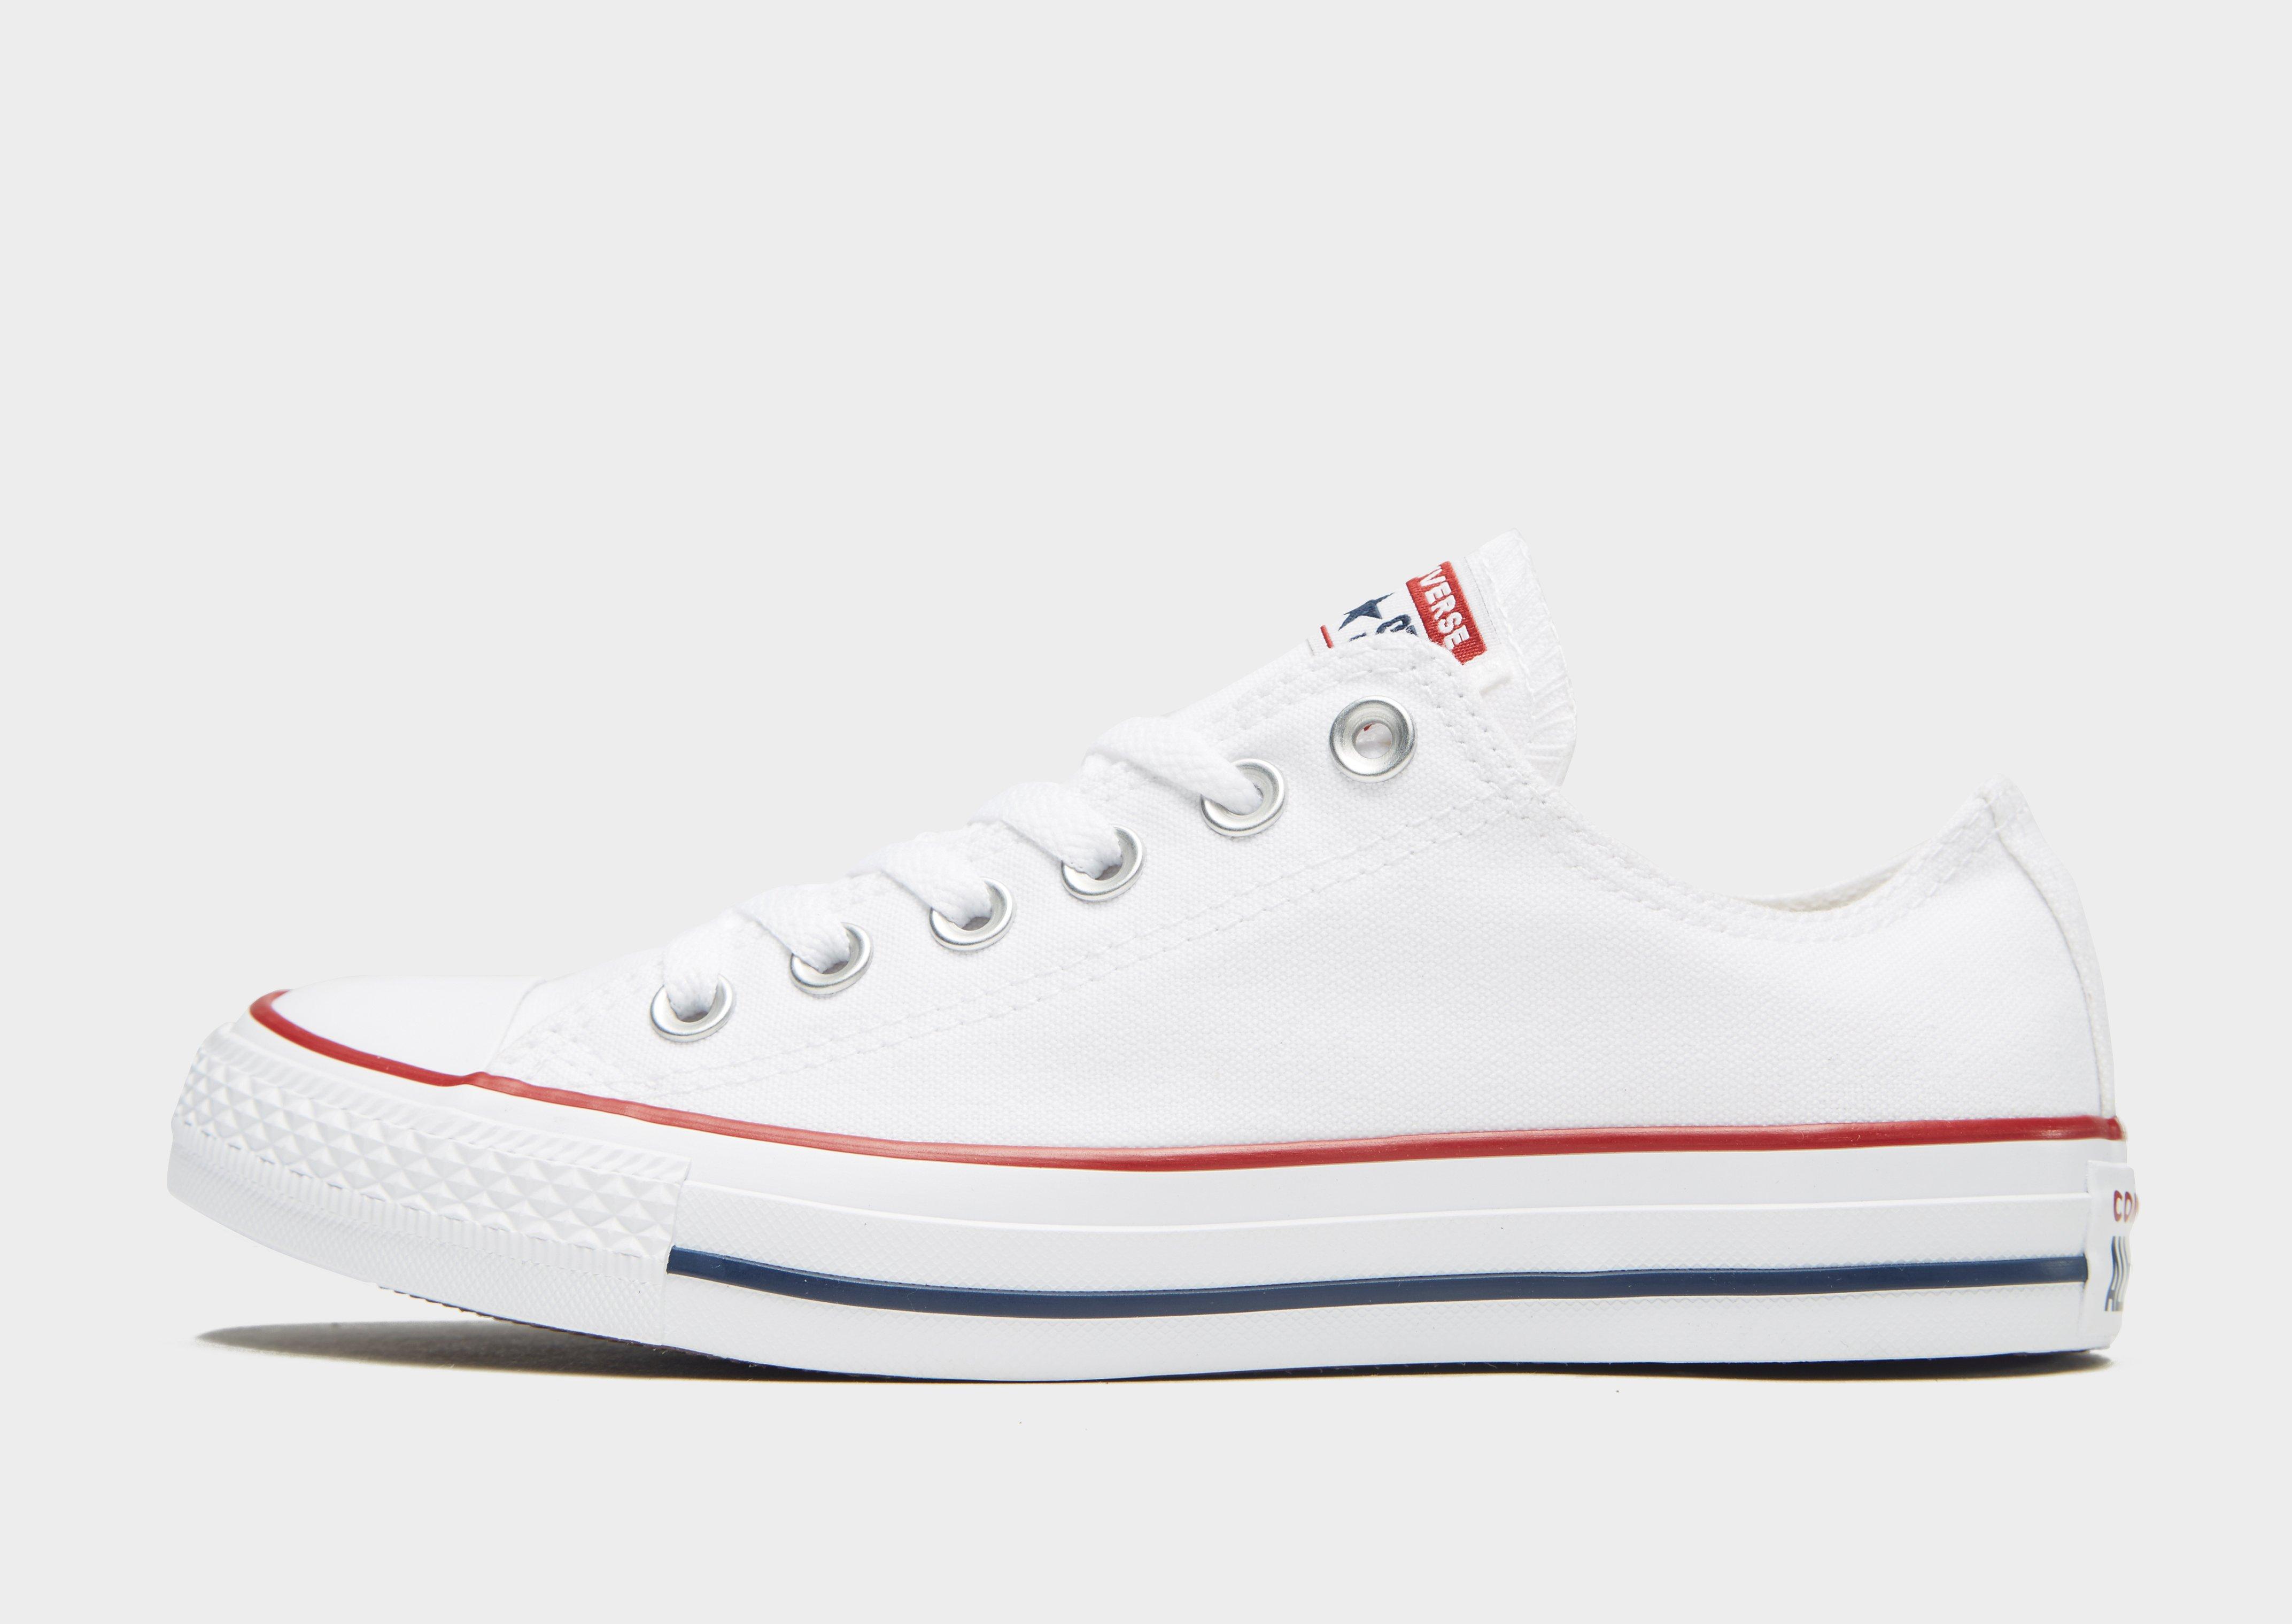 scarpe converse bambino zalando 67% di sconto www